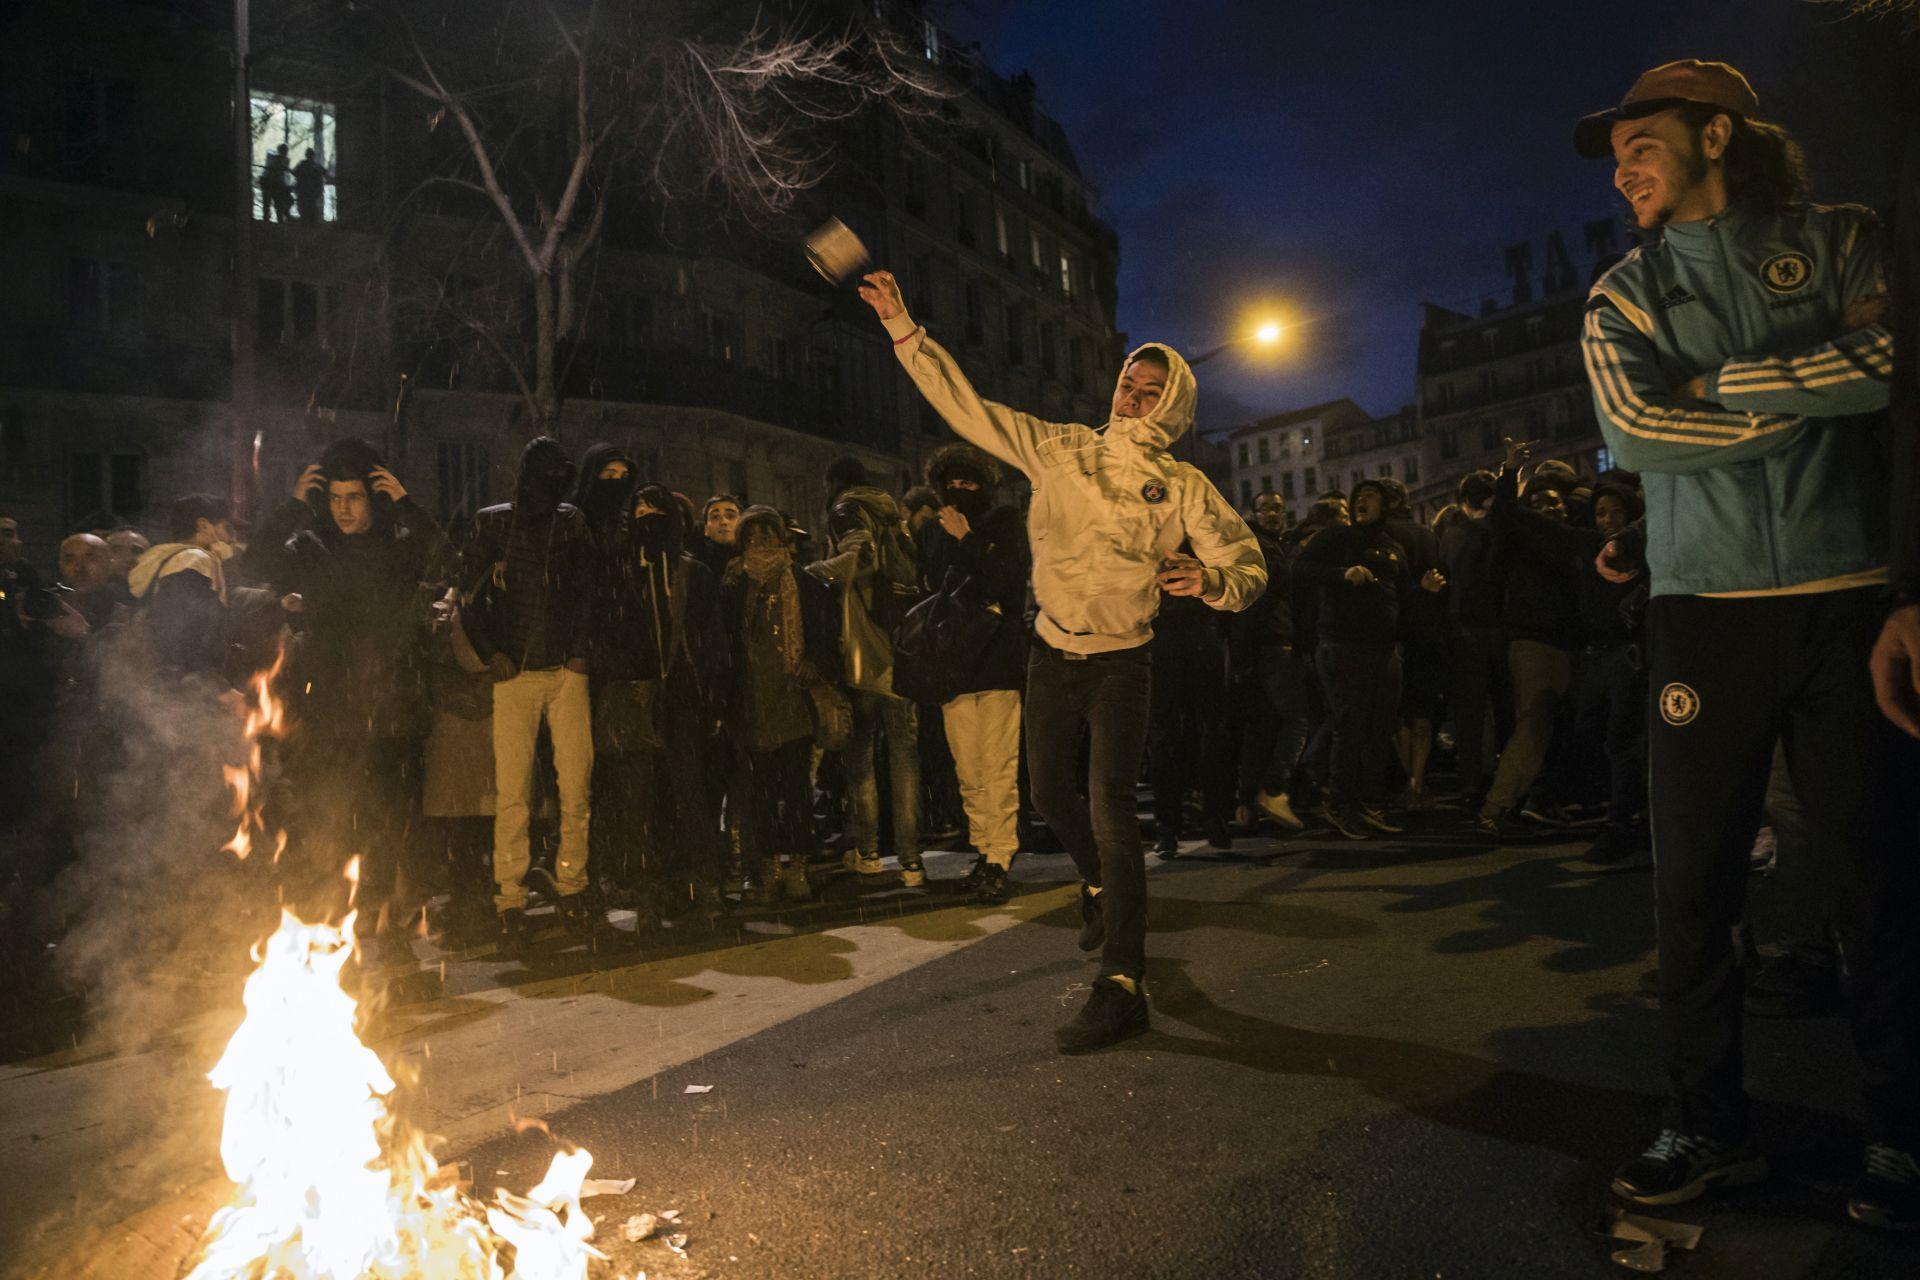 PRIVEDENO 200 OSOBA: Prosvjedi u Parizu postali nasilni